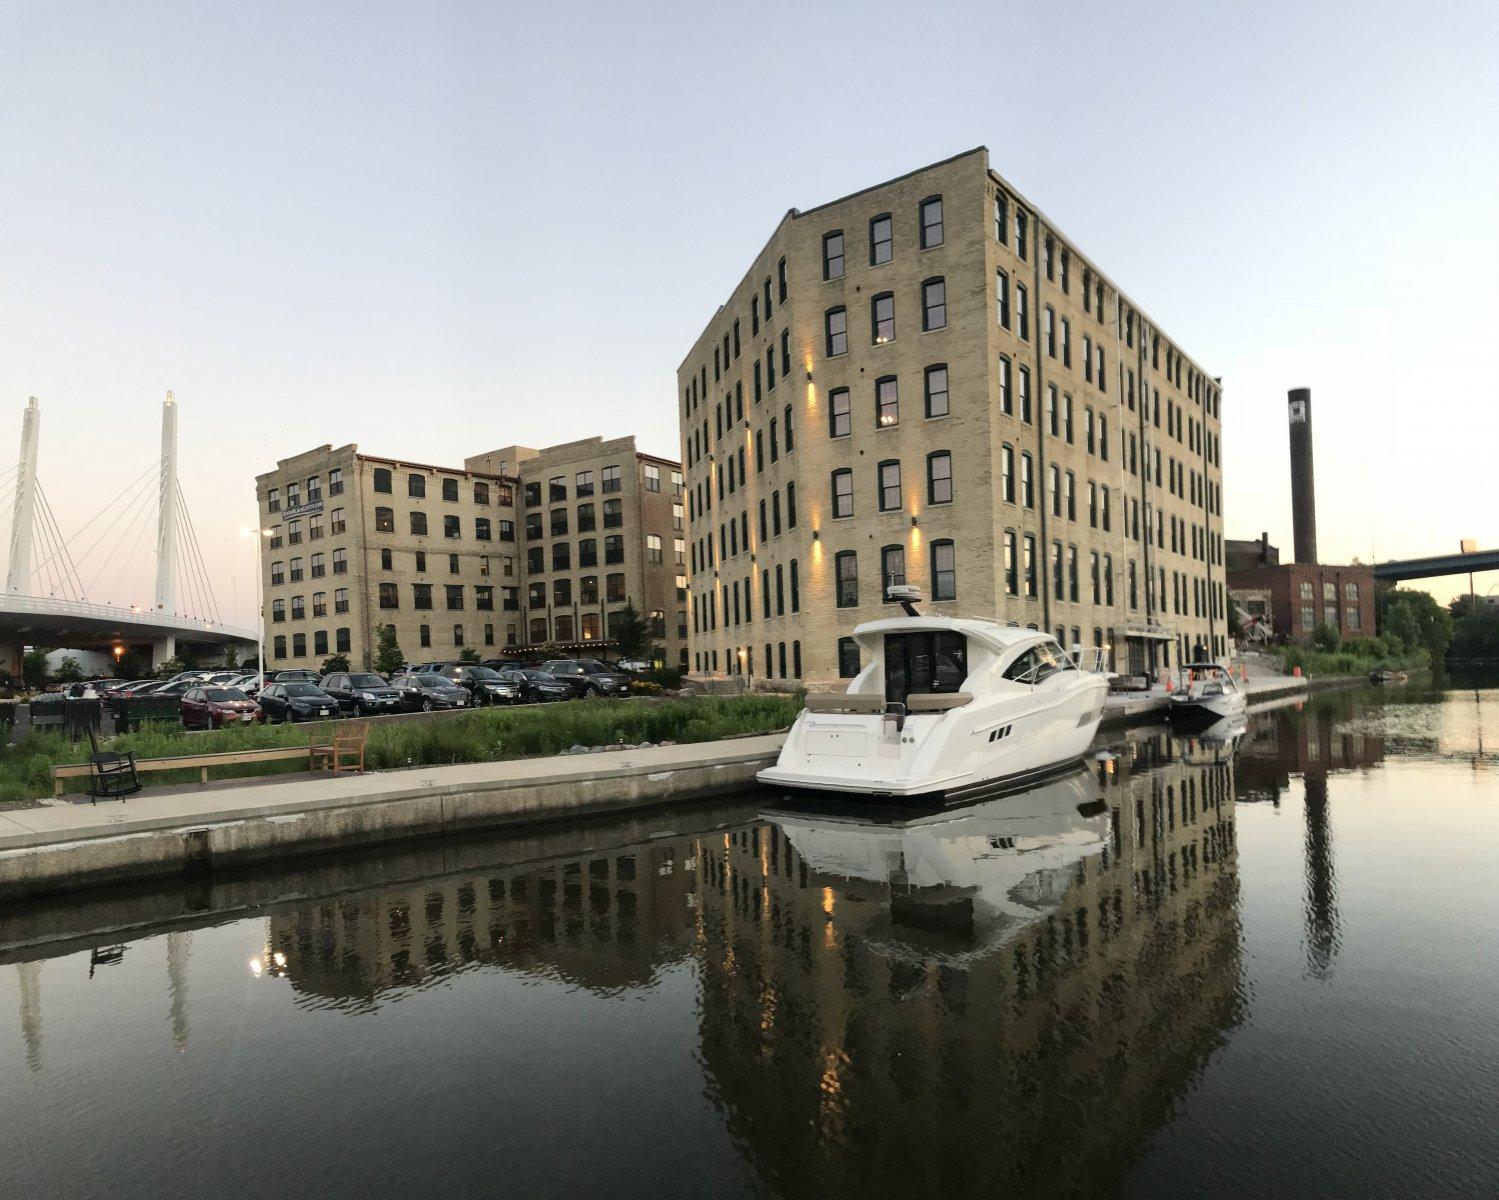 Docks Building